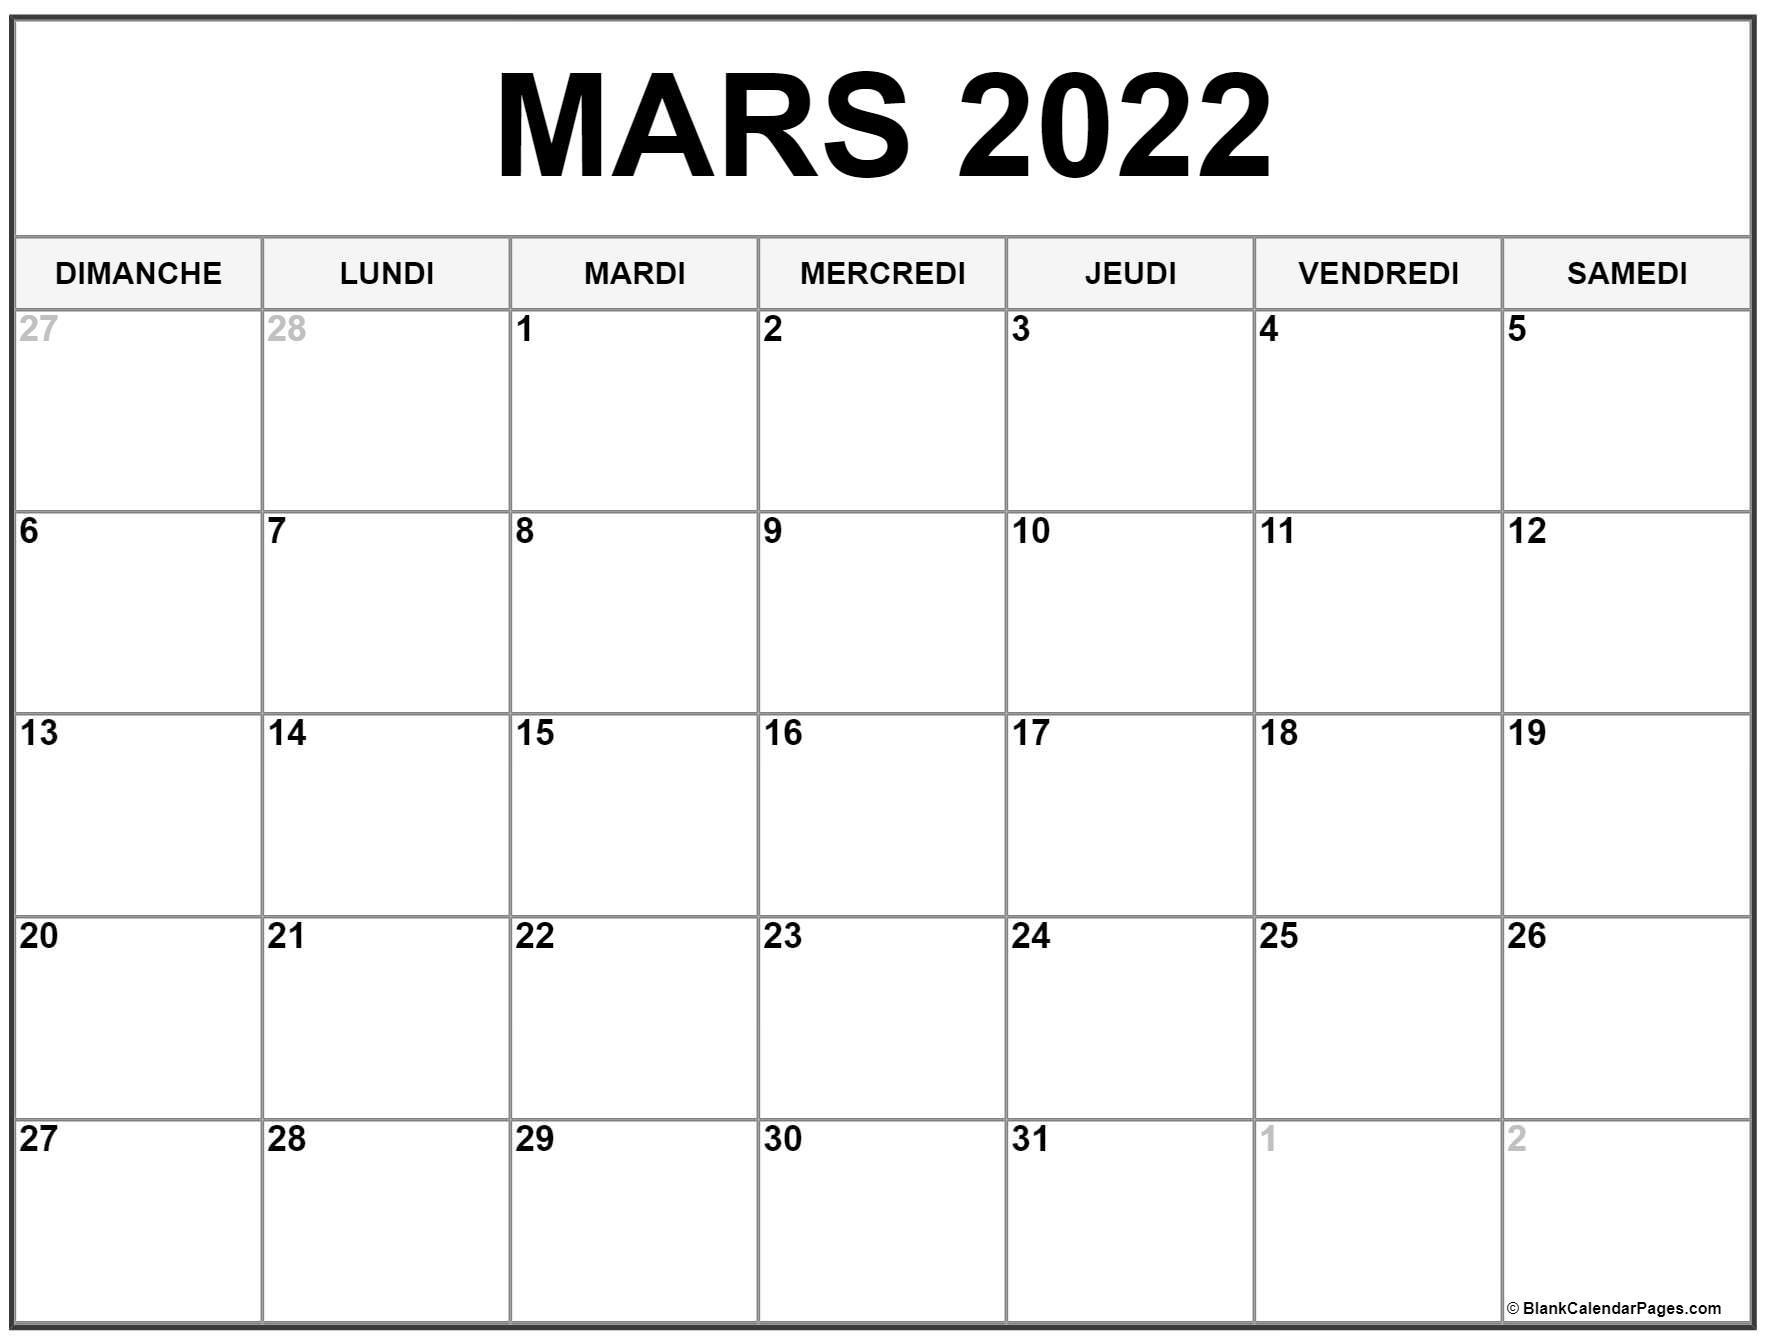 Calendrier Mars 2022 à Imprimer Gratuit mars 2022 calendrier imprimable | Calendrier gratuit